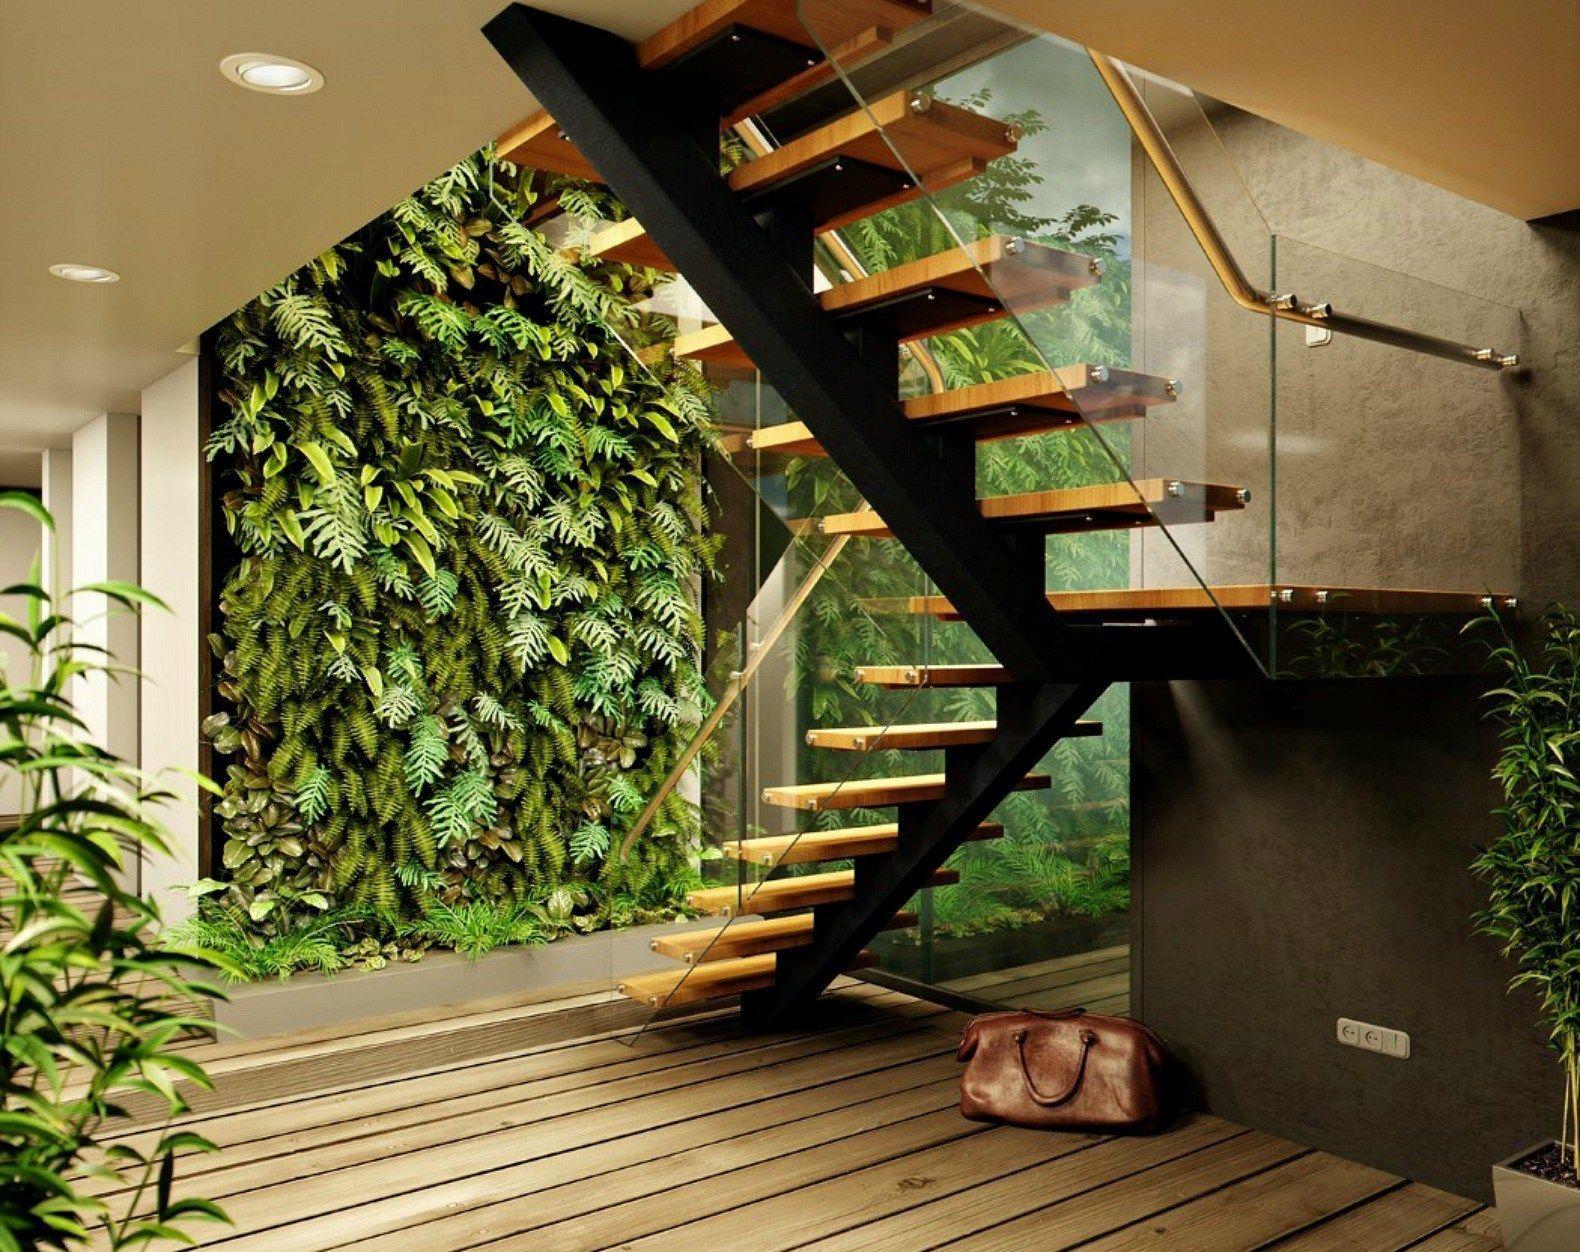 Prodigious garden home designs decor wall garden at sloping roof terracedesign inspiration at maximum inexpensive garden home designs ideas